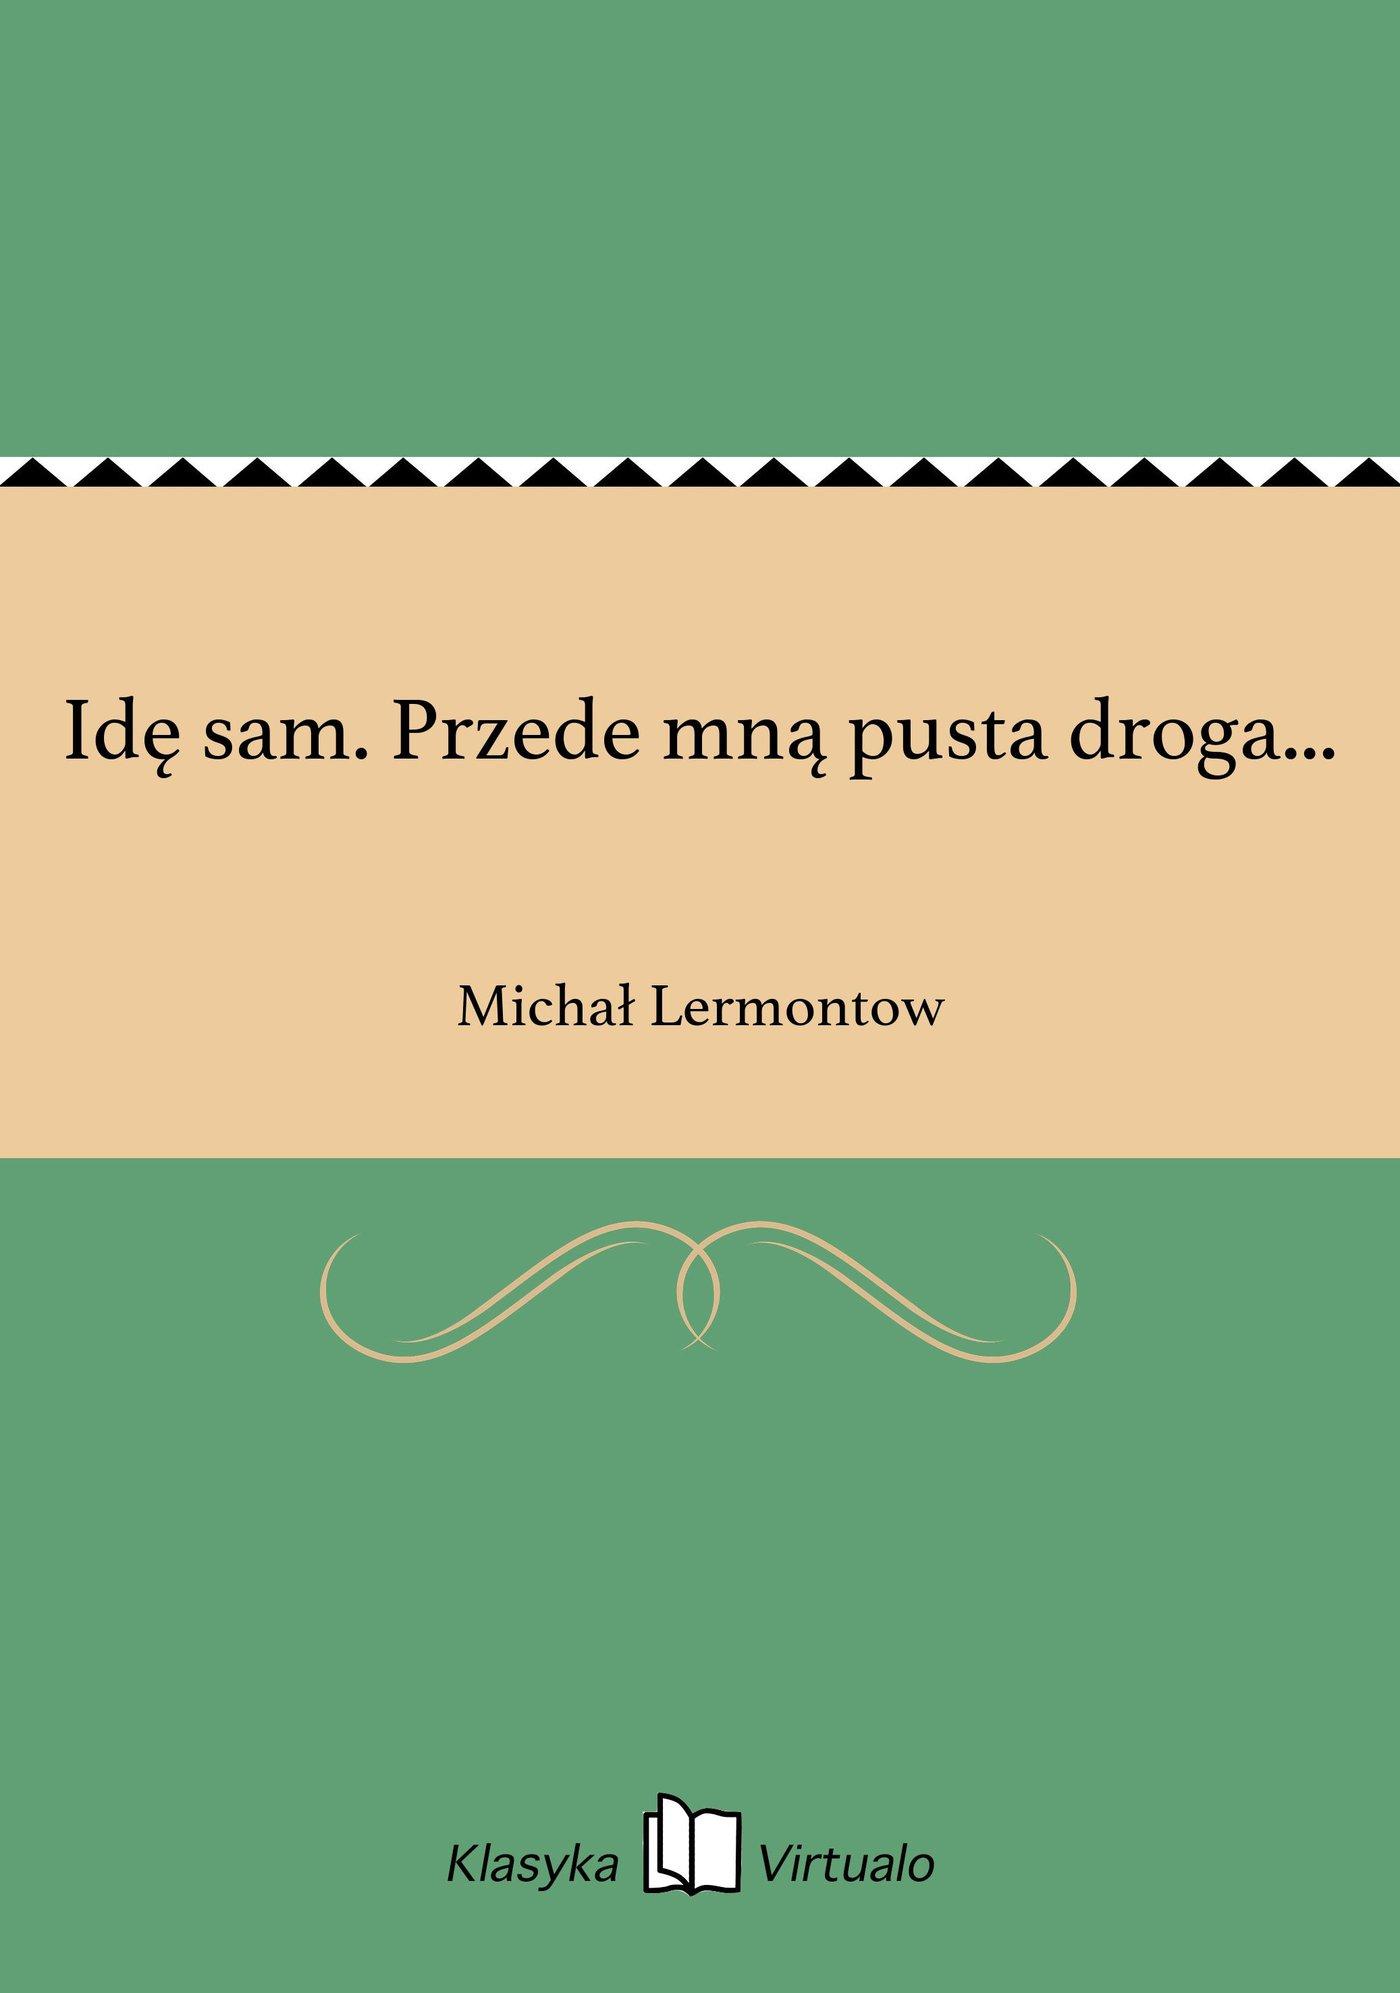 Idę sam. Przede mną pusta droga... - Ebook (Książka na Kindle) do pobrania w formacie MOBI